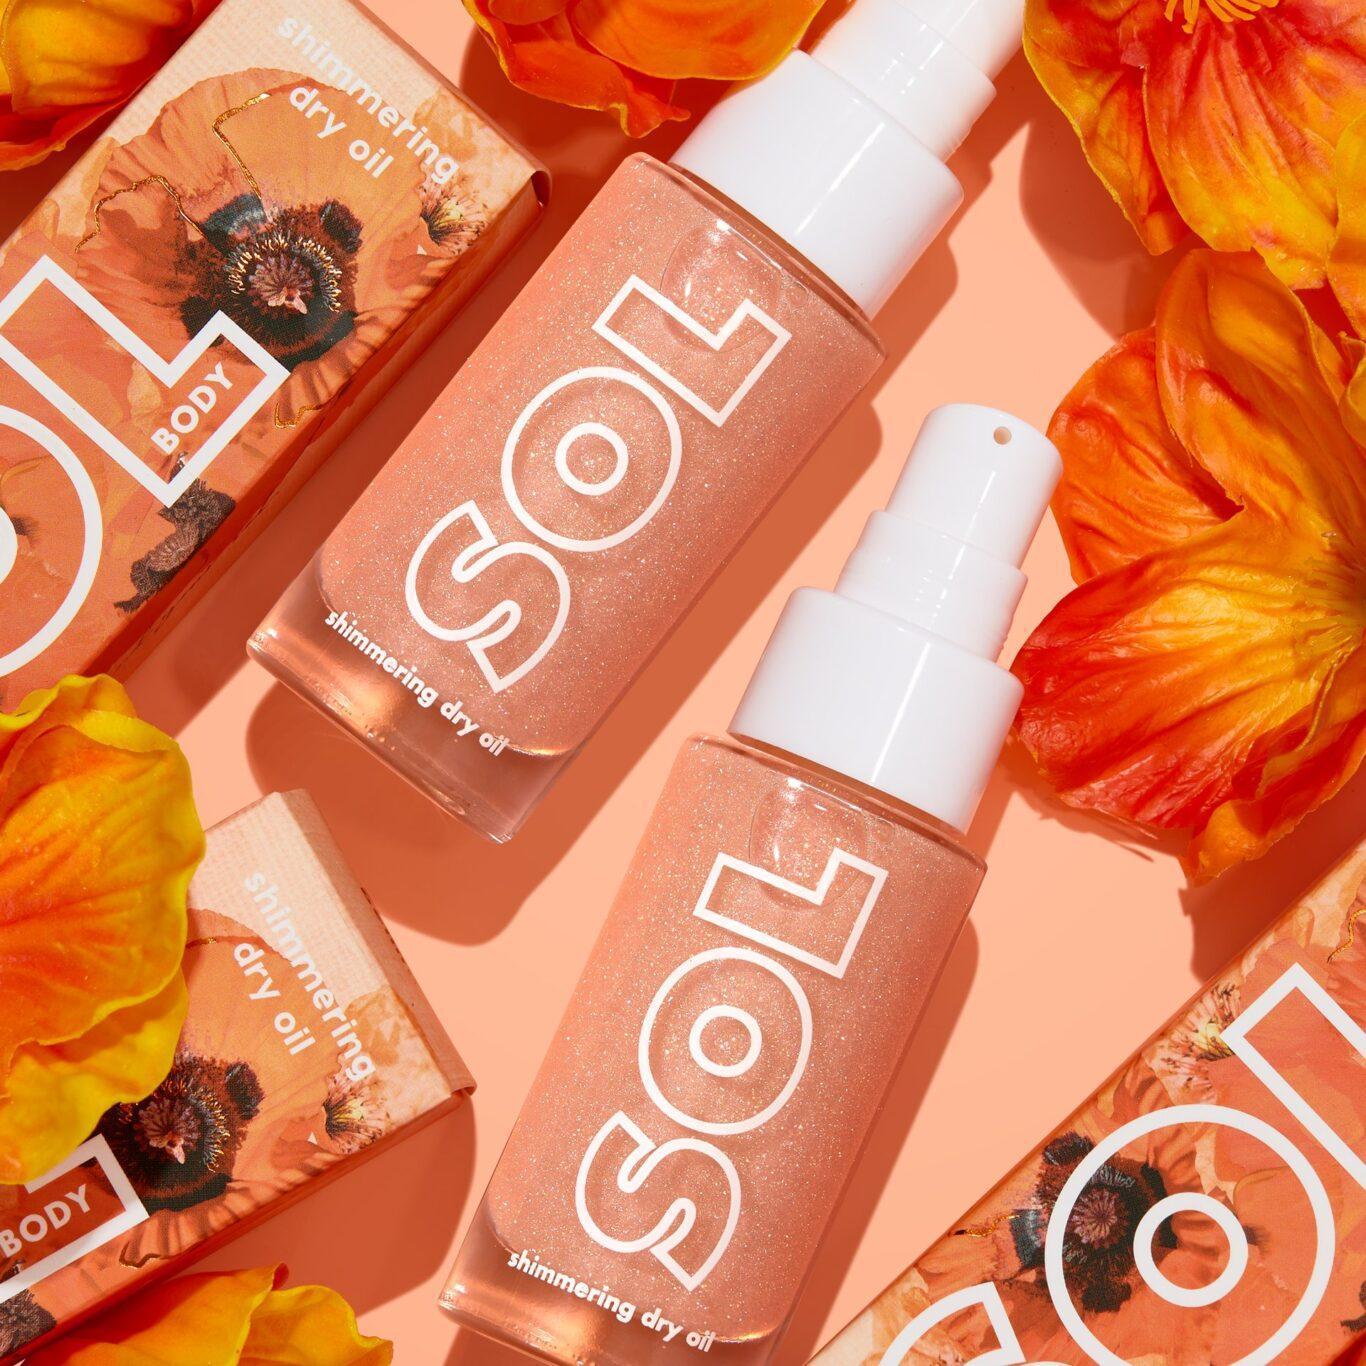 Colourpop Big Poppy Collection Peach Bellini Sol Shimmering Dry Oil Mini